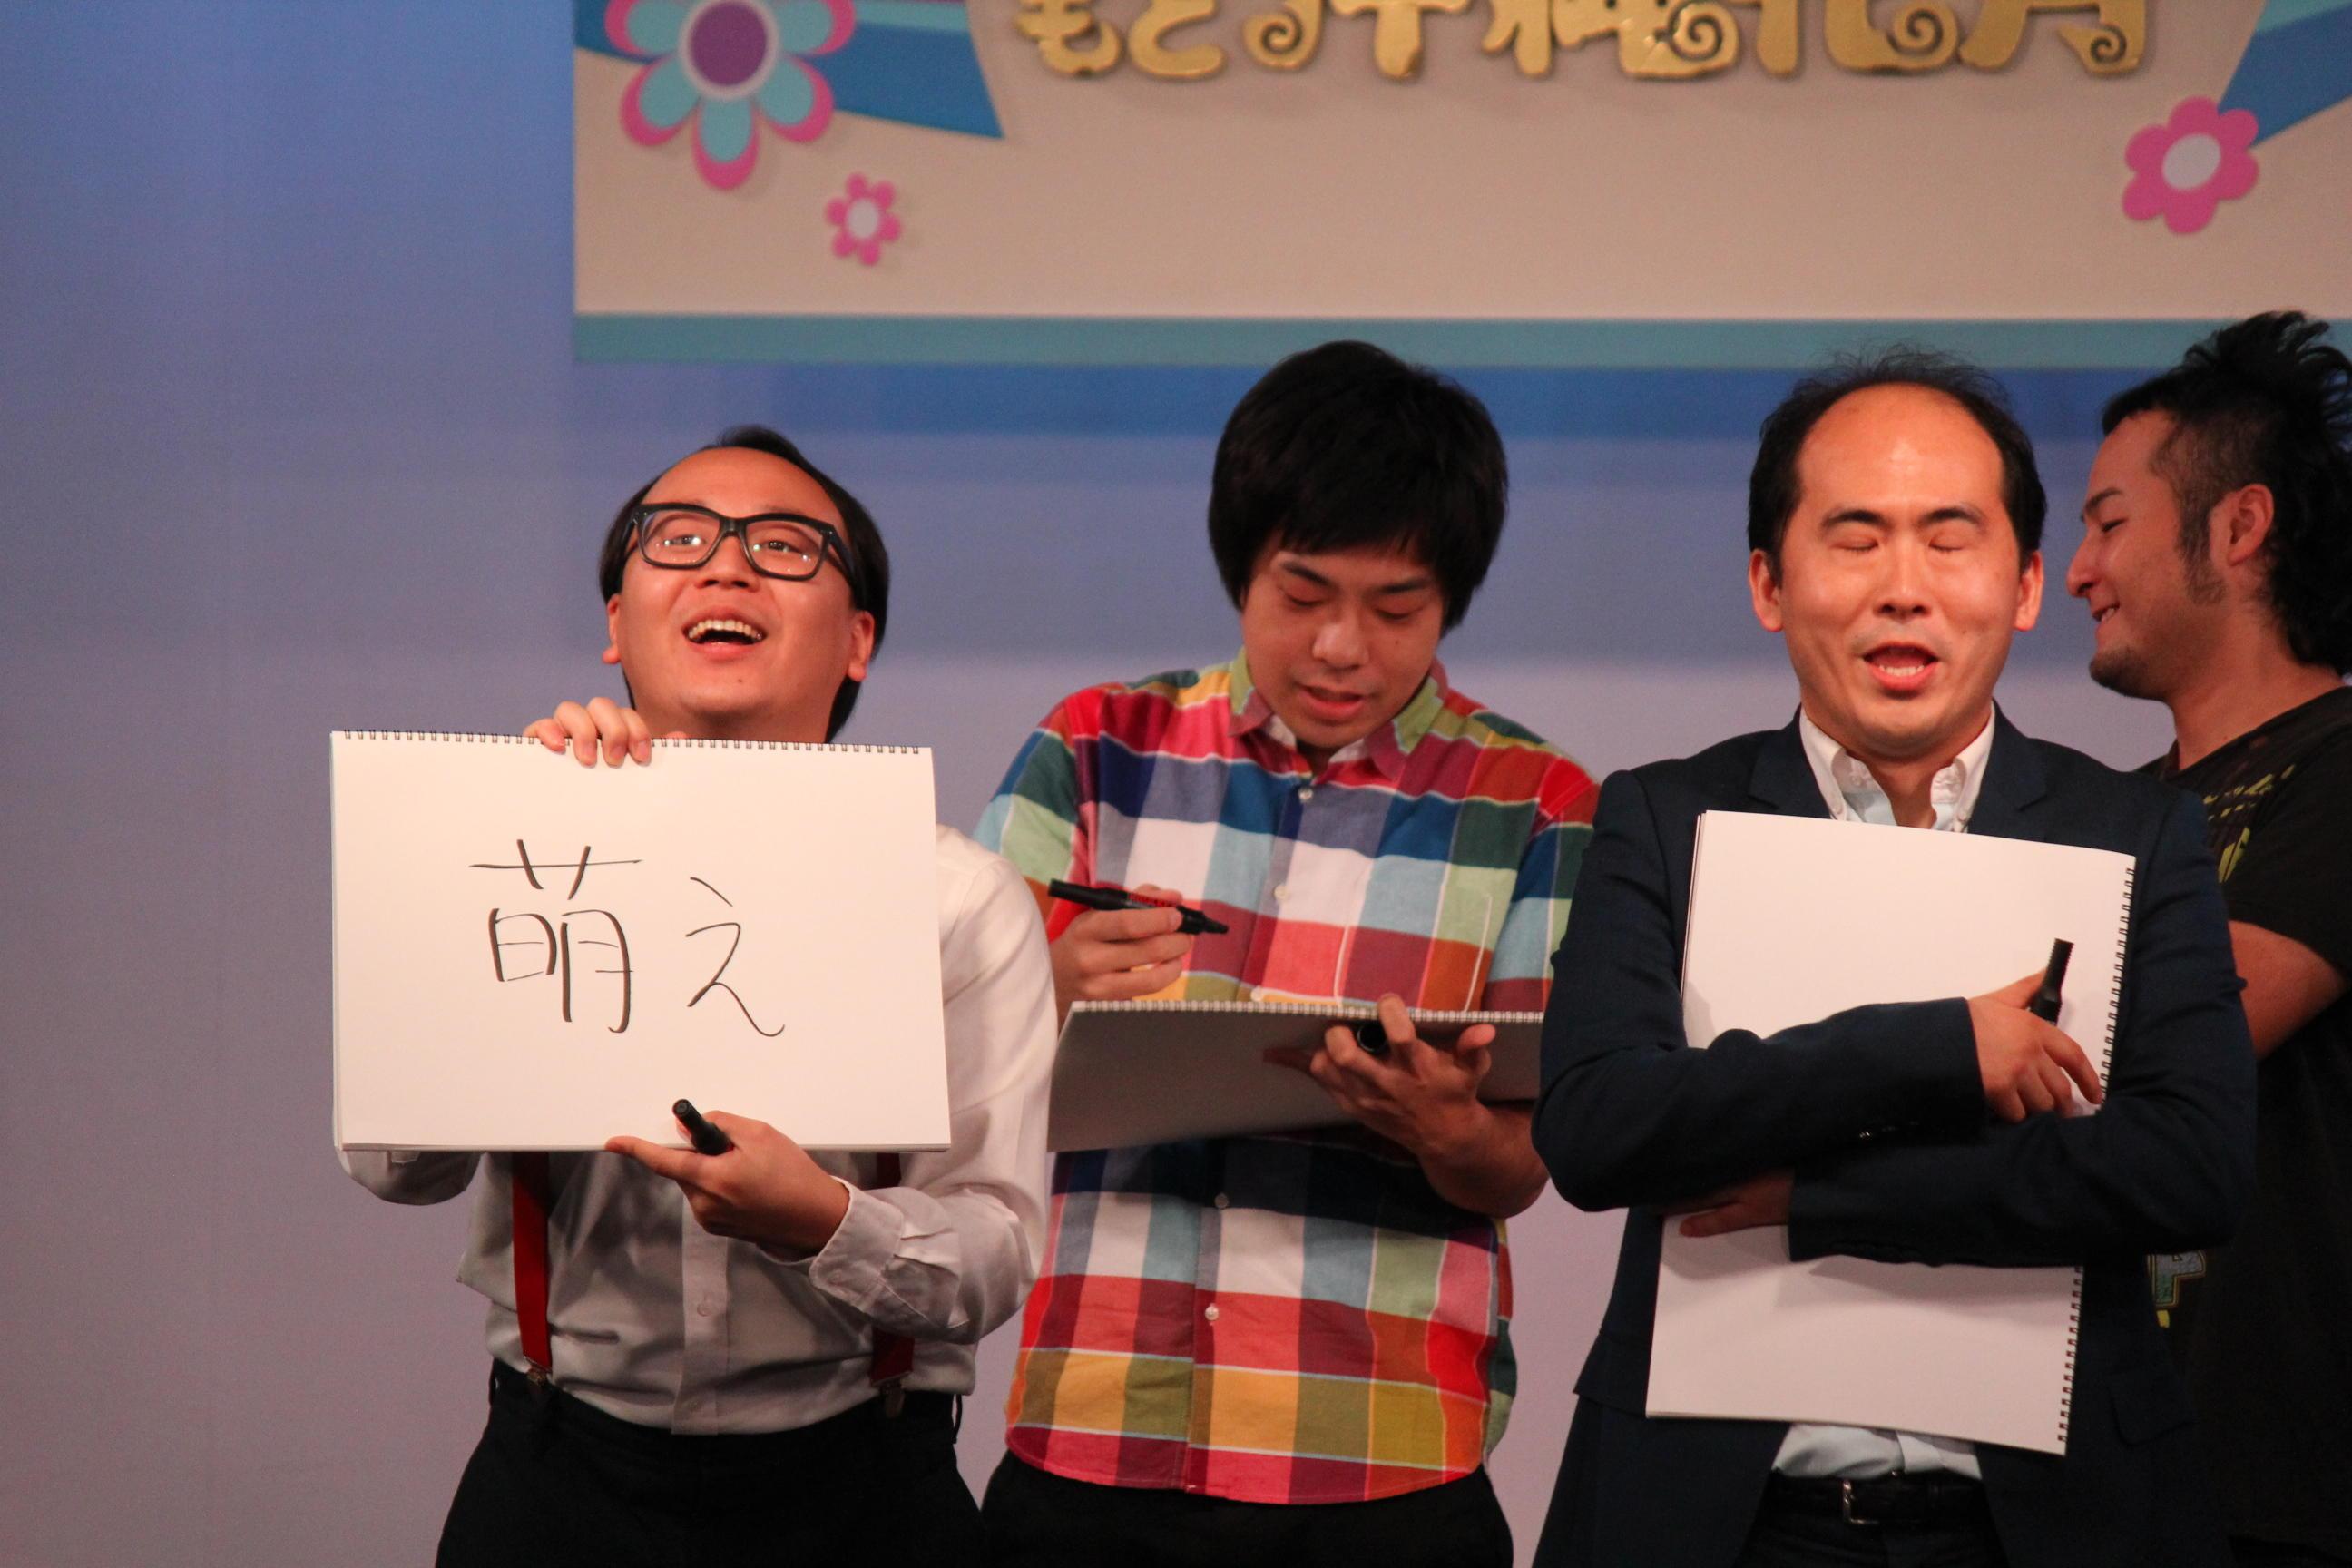 http://news.yoshimoto.co.jp/20151127174846-48fc0807ce68acdd66c97925af587795ef94d91e.jpg